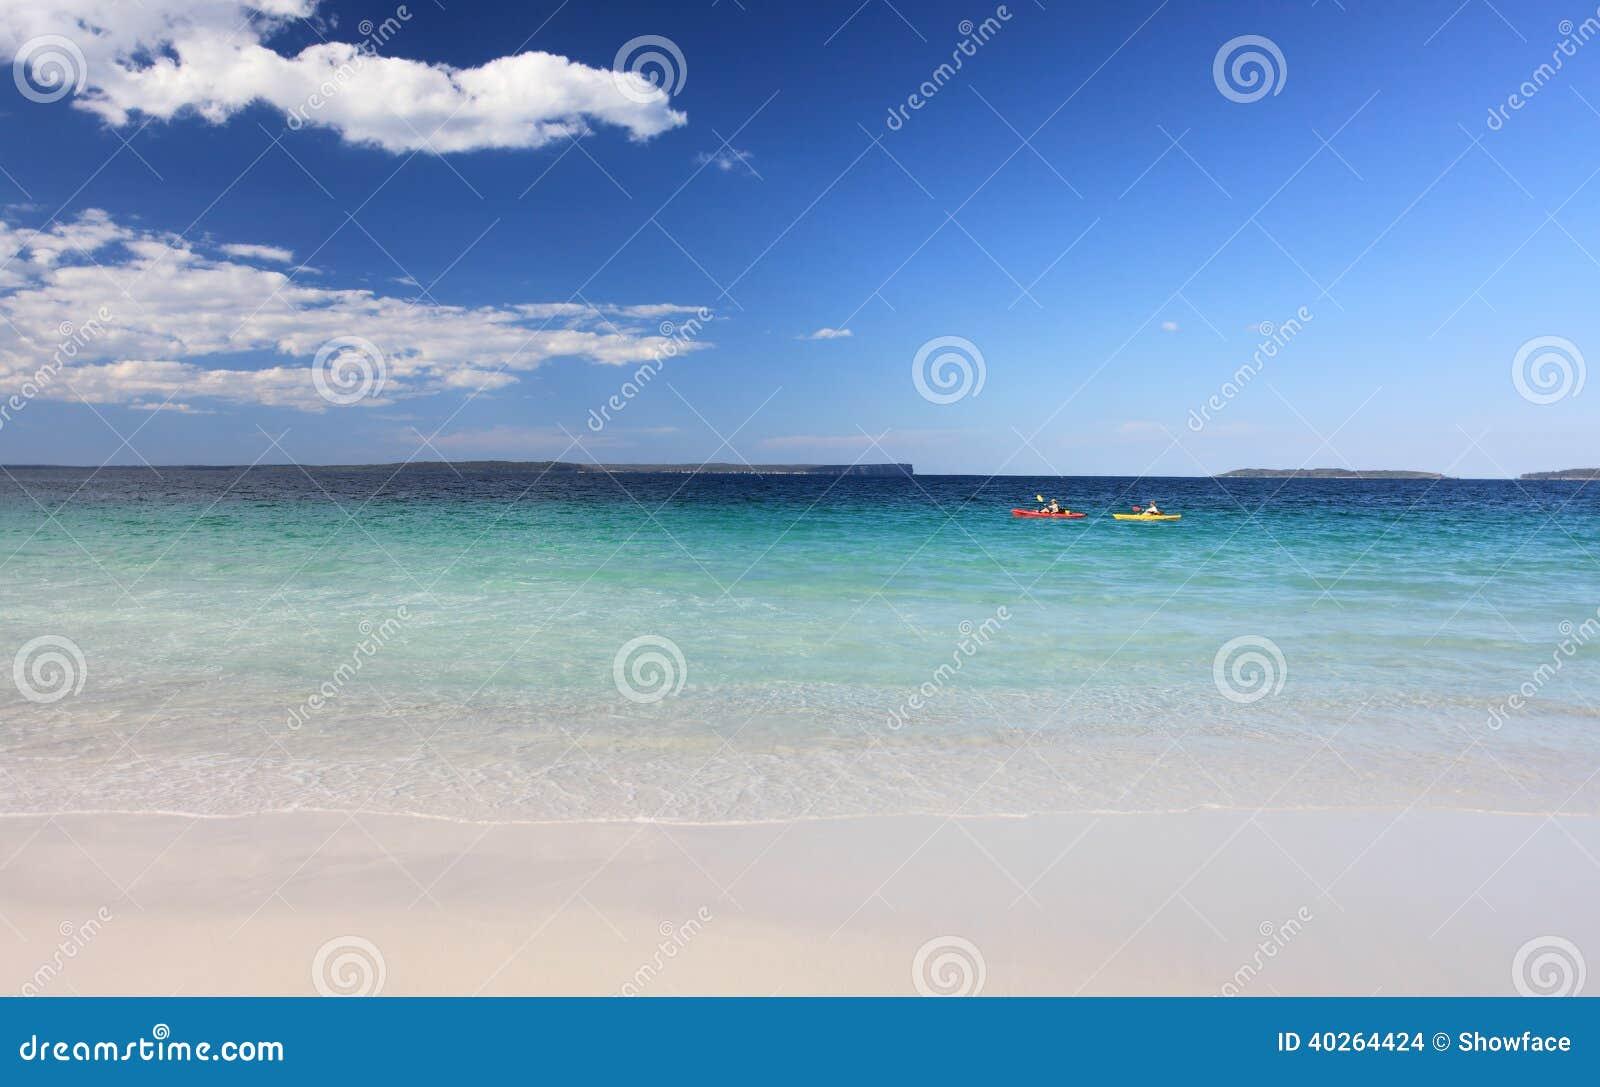 皮艇享用透明的水澳大利亚人海滩